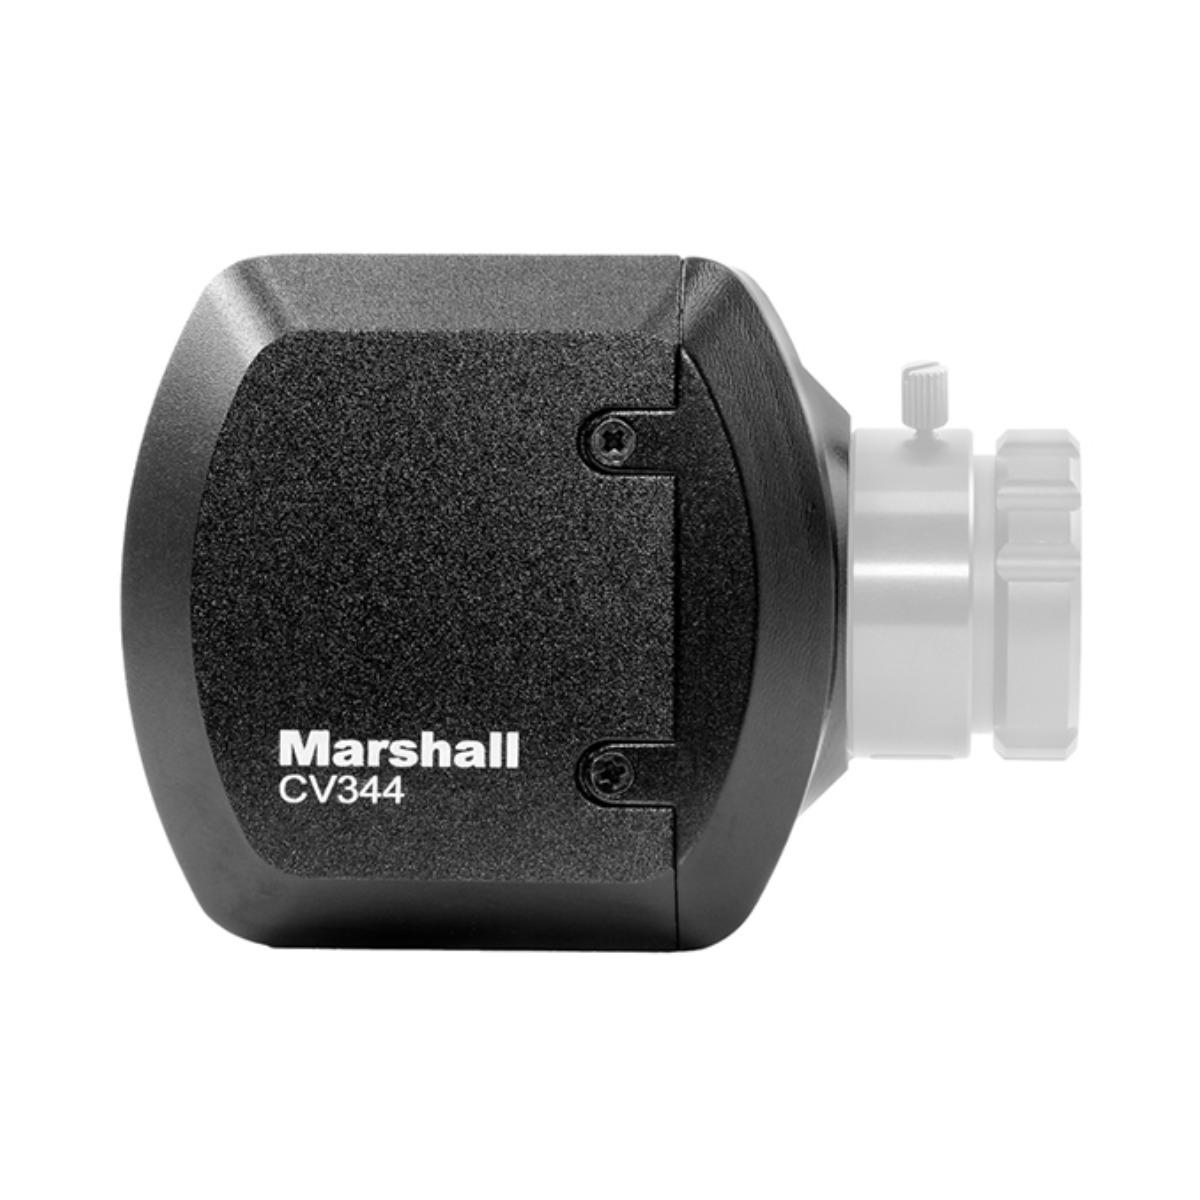 Marshall CV344 camera right